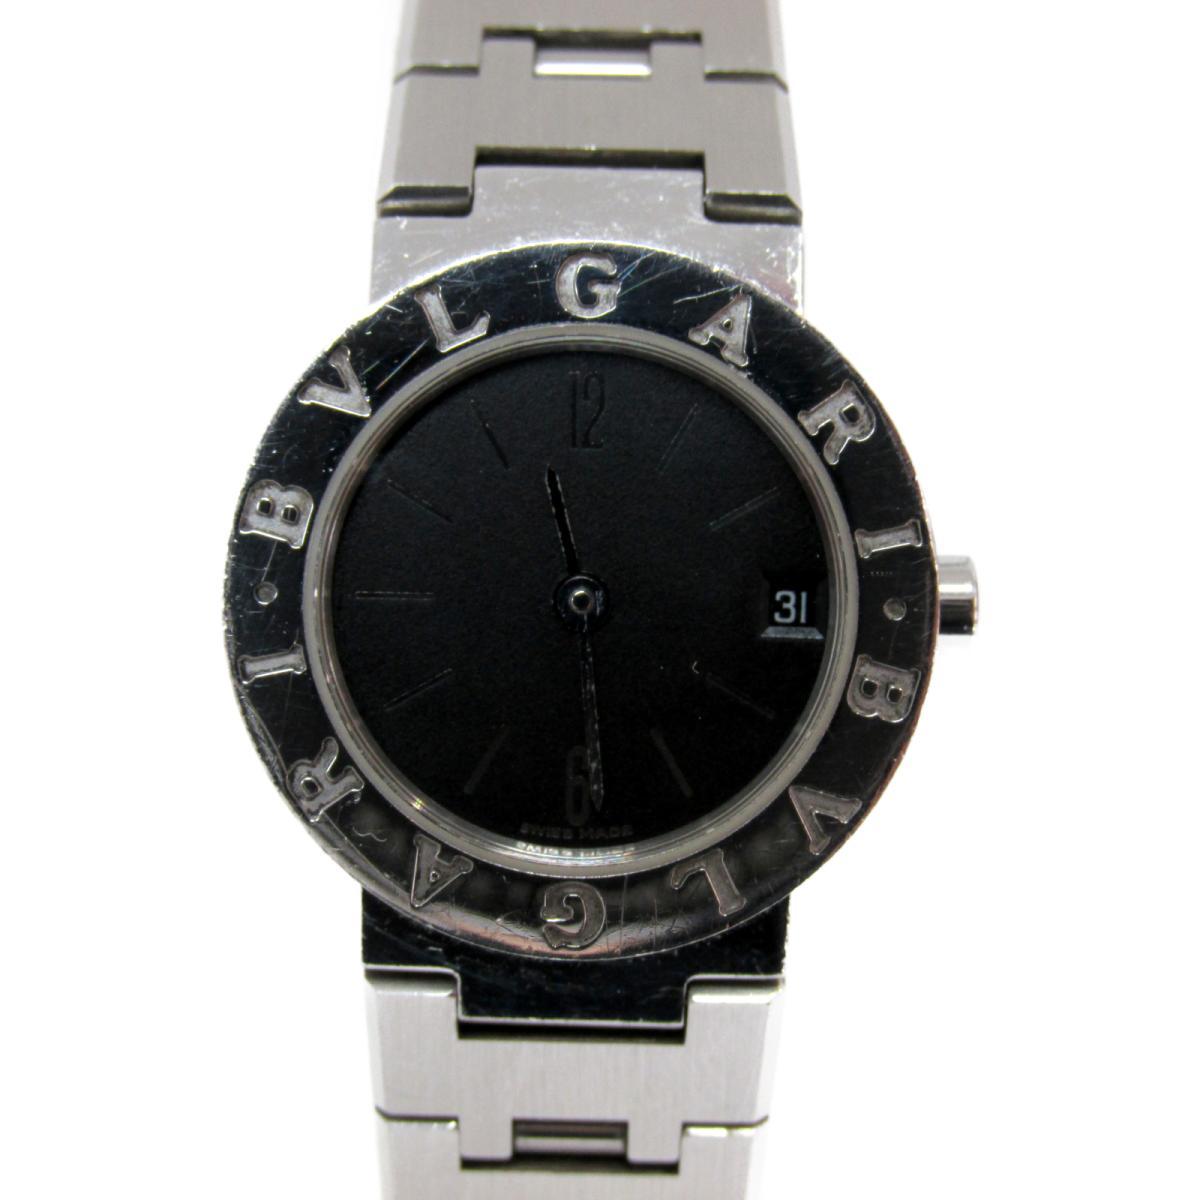 【中古】 ブルガリ 腕時計 レディース (BB23SS) | BVLGARI BRANDOFF ブランドオフ ブランド ブランド時計 ブランド腕時計 時計 ウォッチ